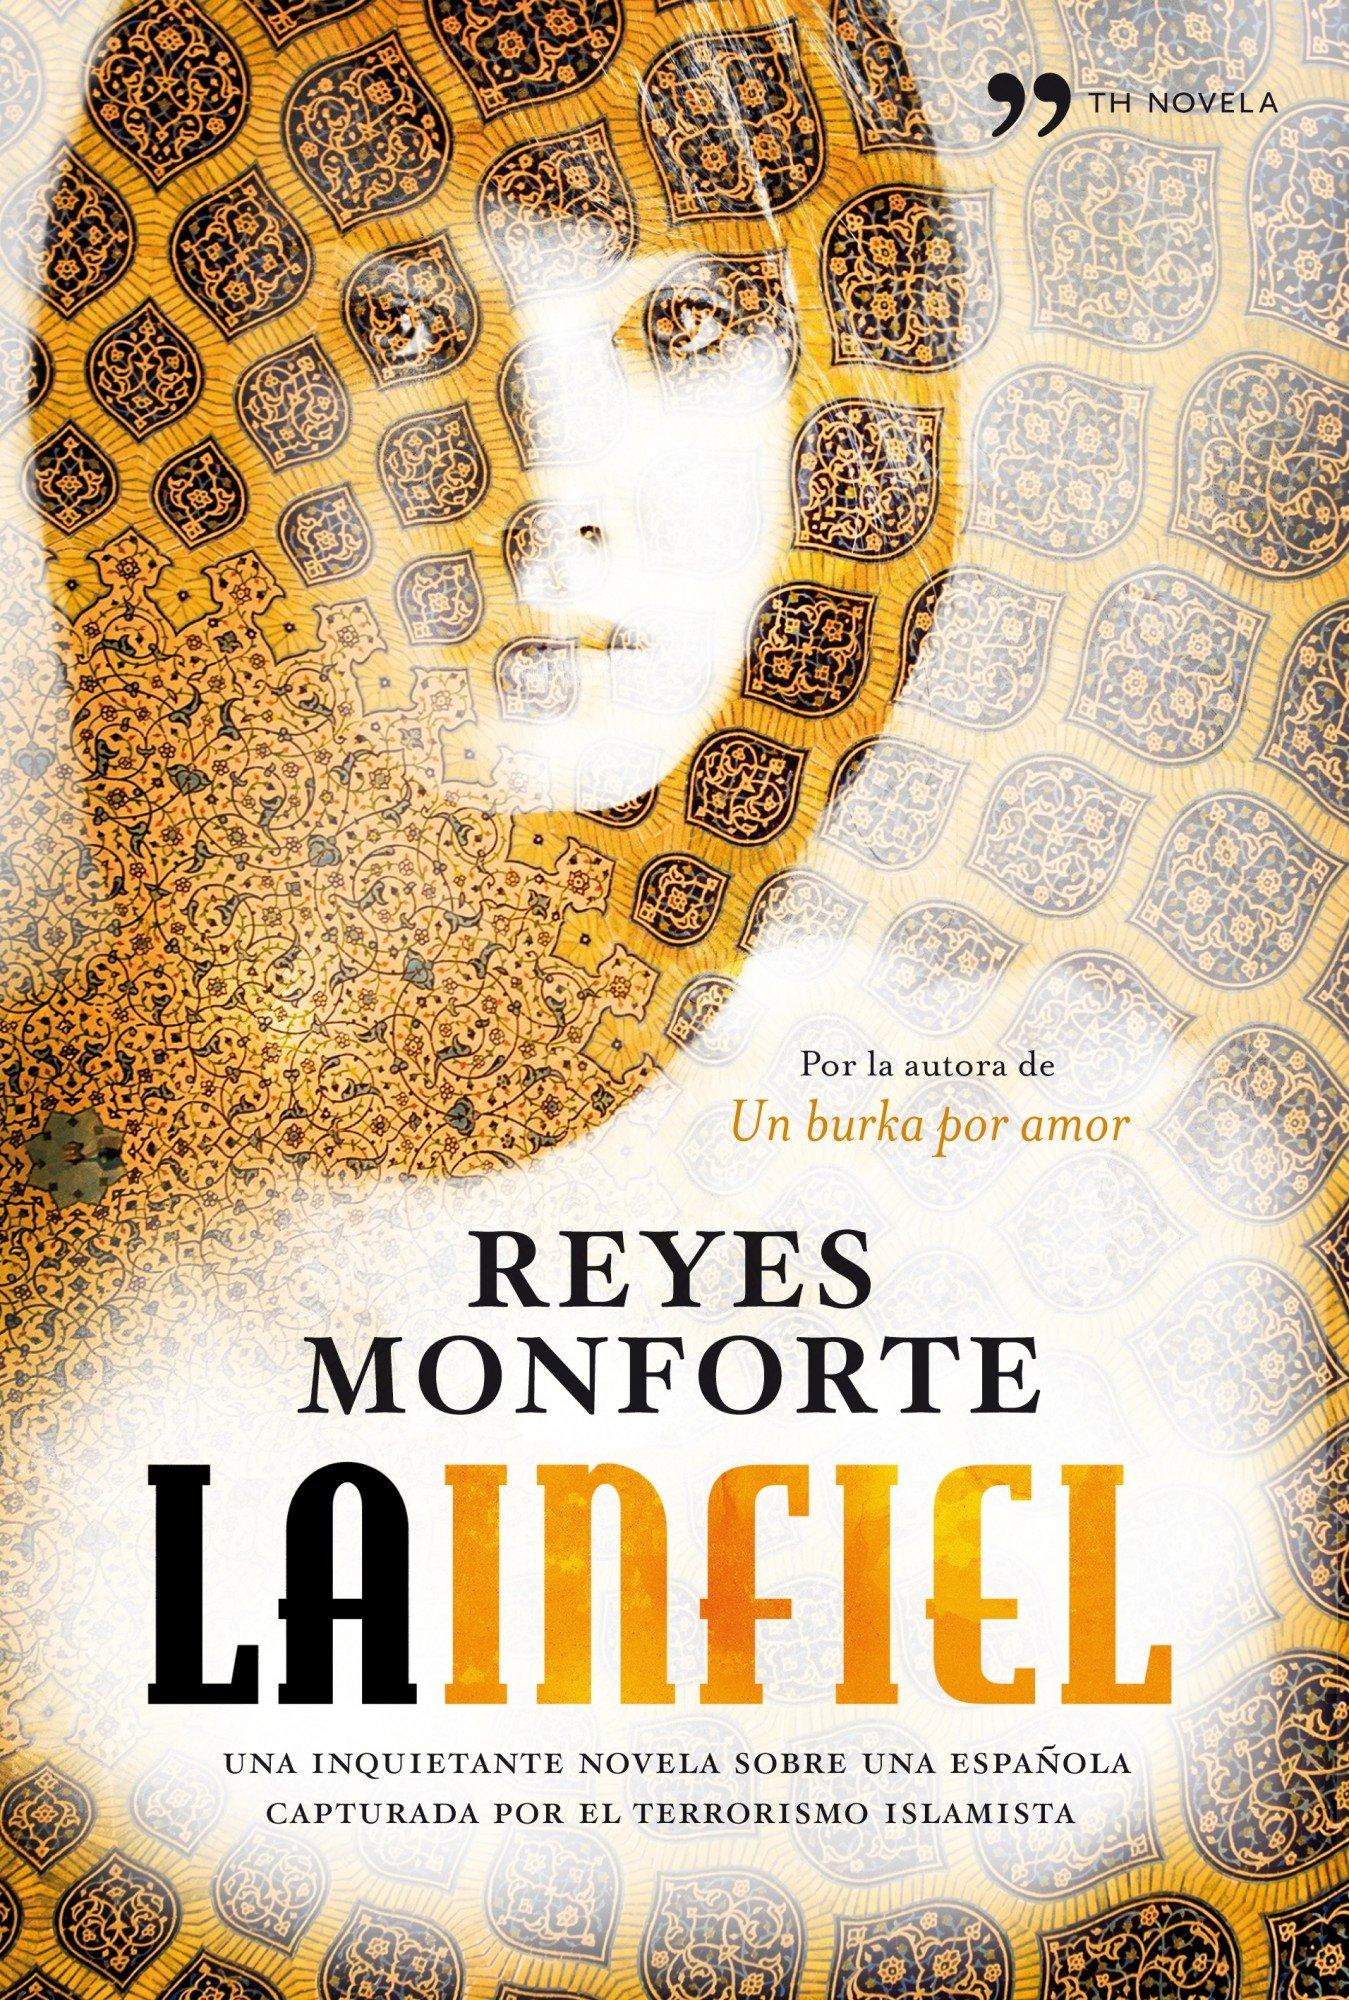 La infiel (TH Novela): Amazon.es: Monforte, Reyes: Libros